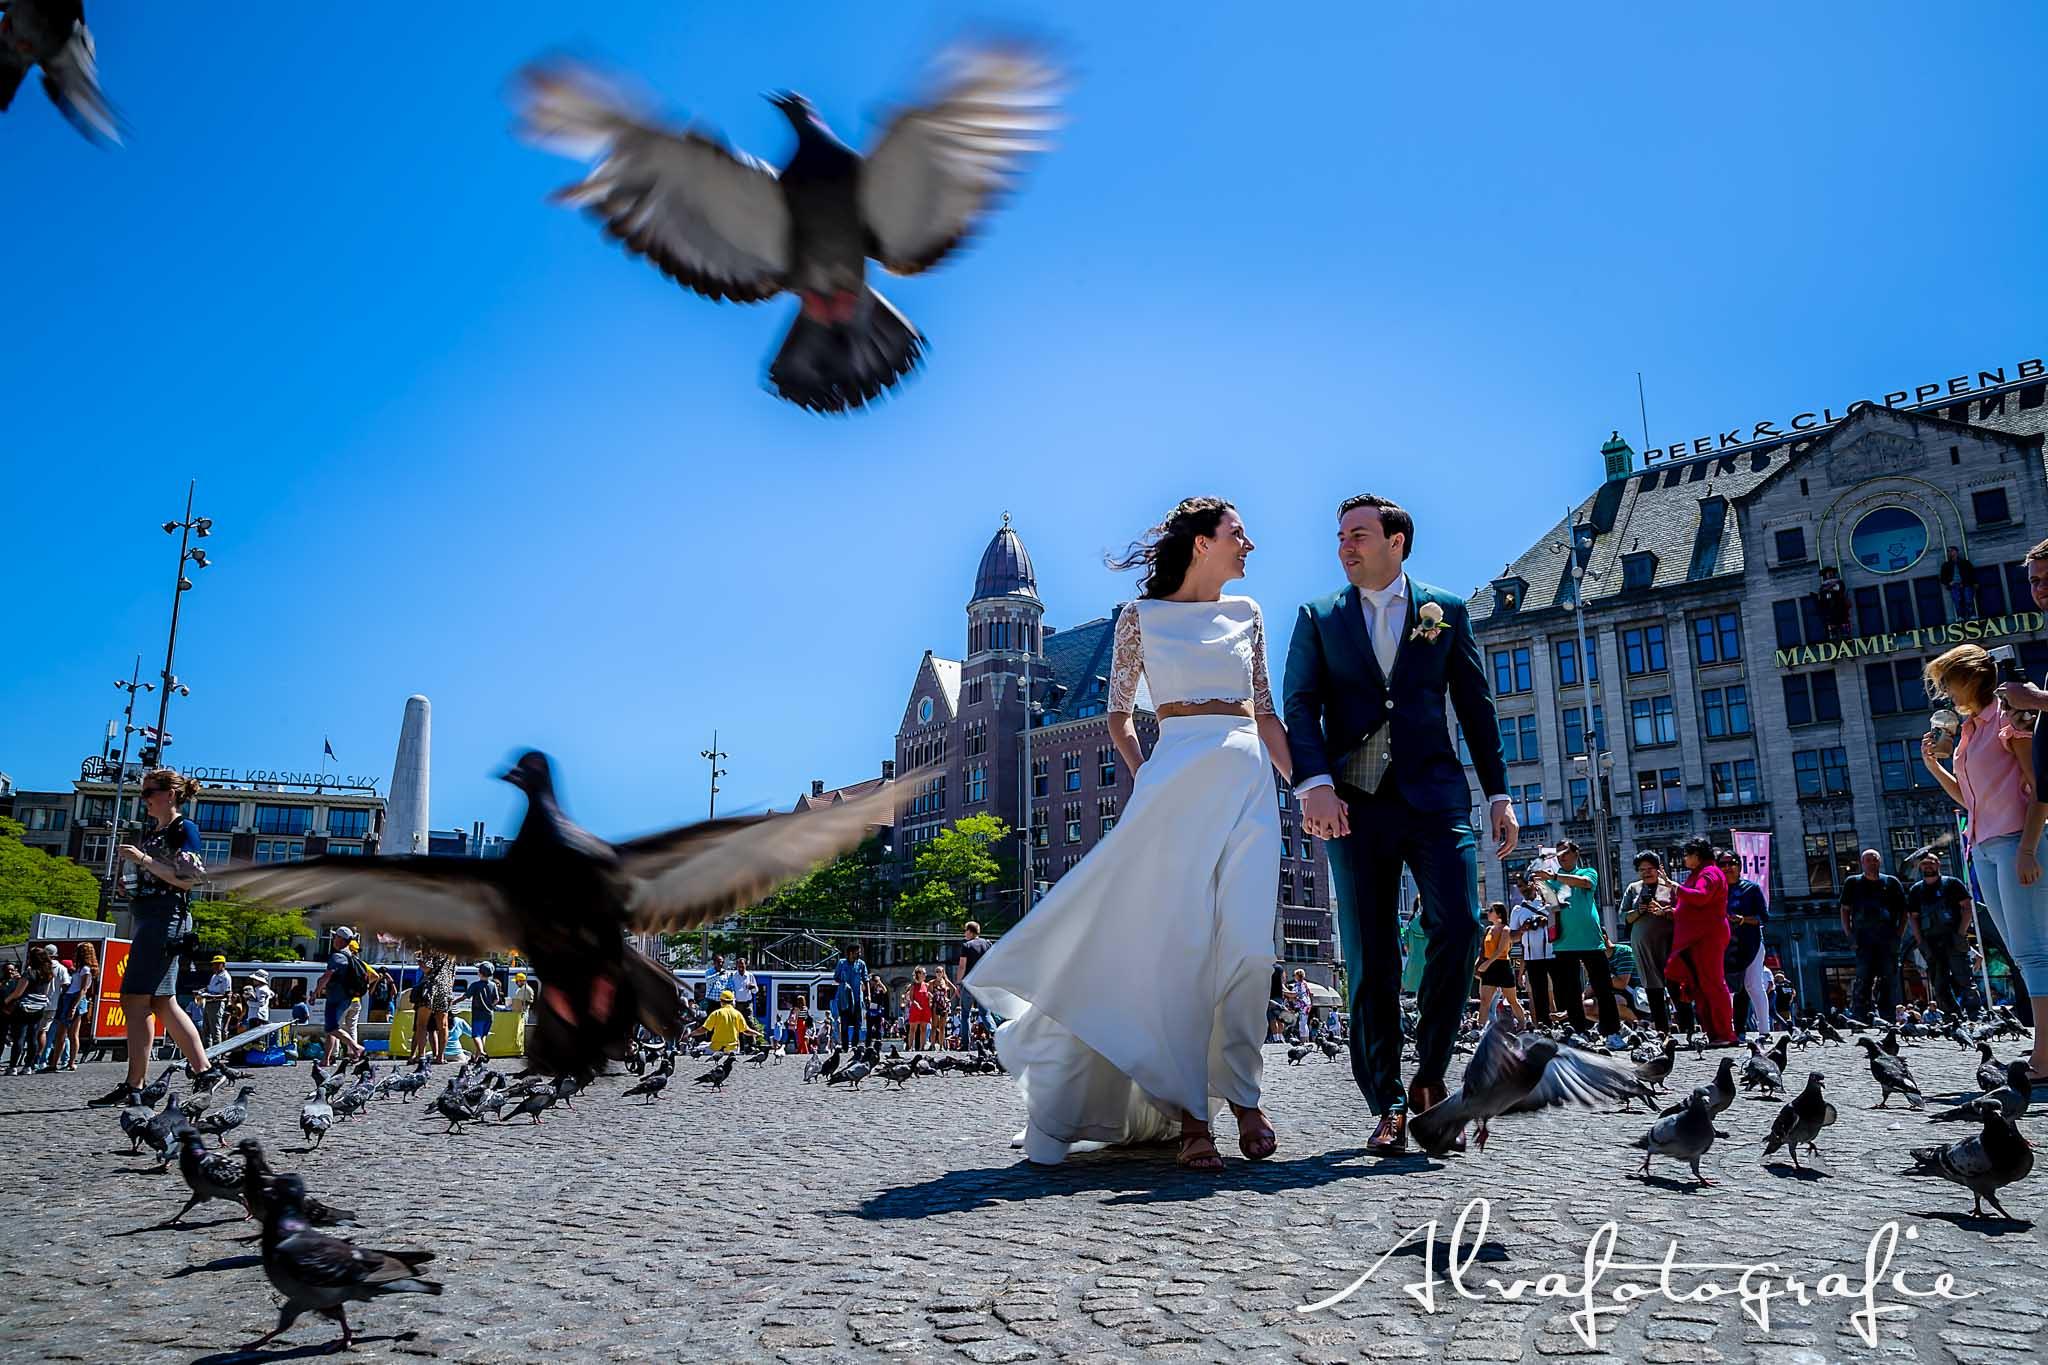 Bruiloft Maren en Tim Alvafotografie bruidspaar op de Dam Amsterdam